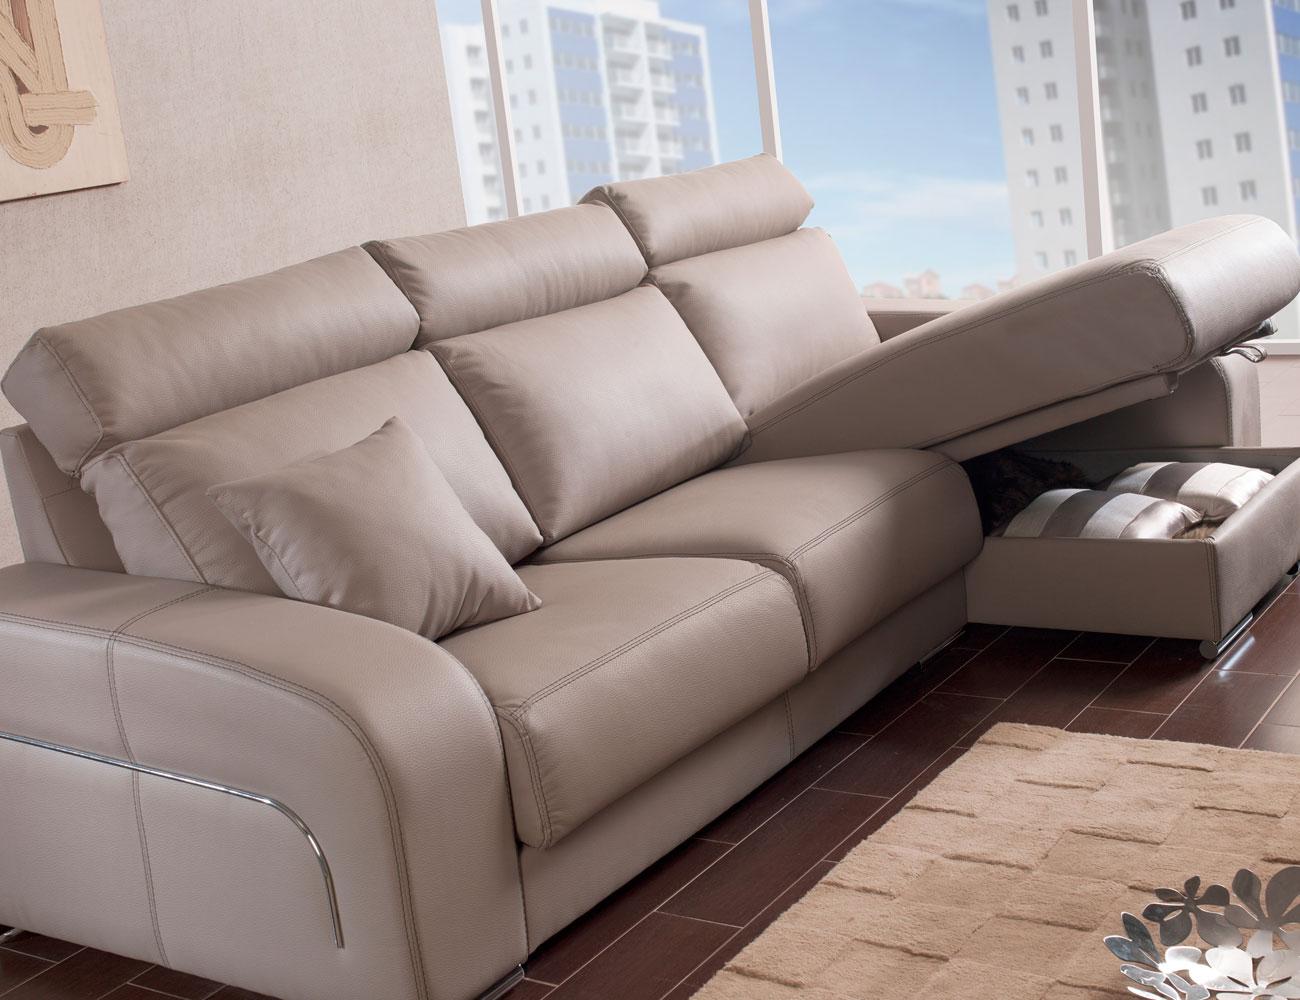 Sofa chaiselongue moderno pared cero arcon40